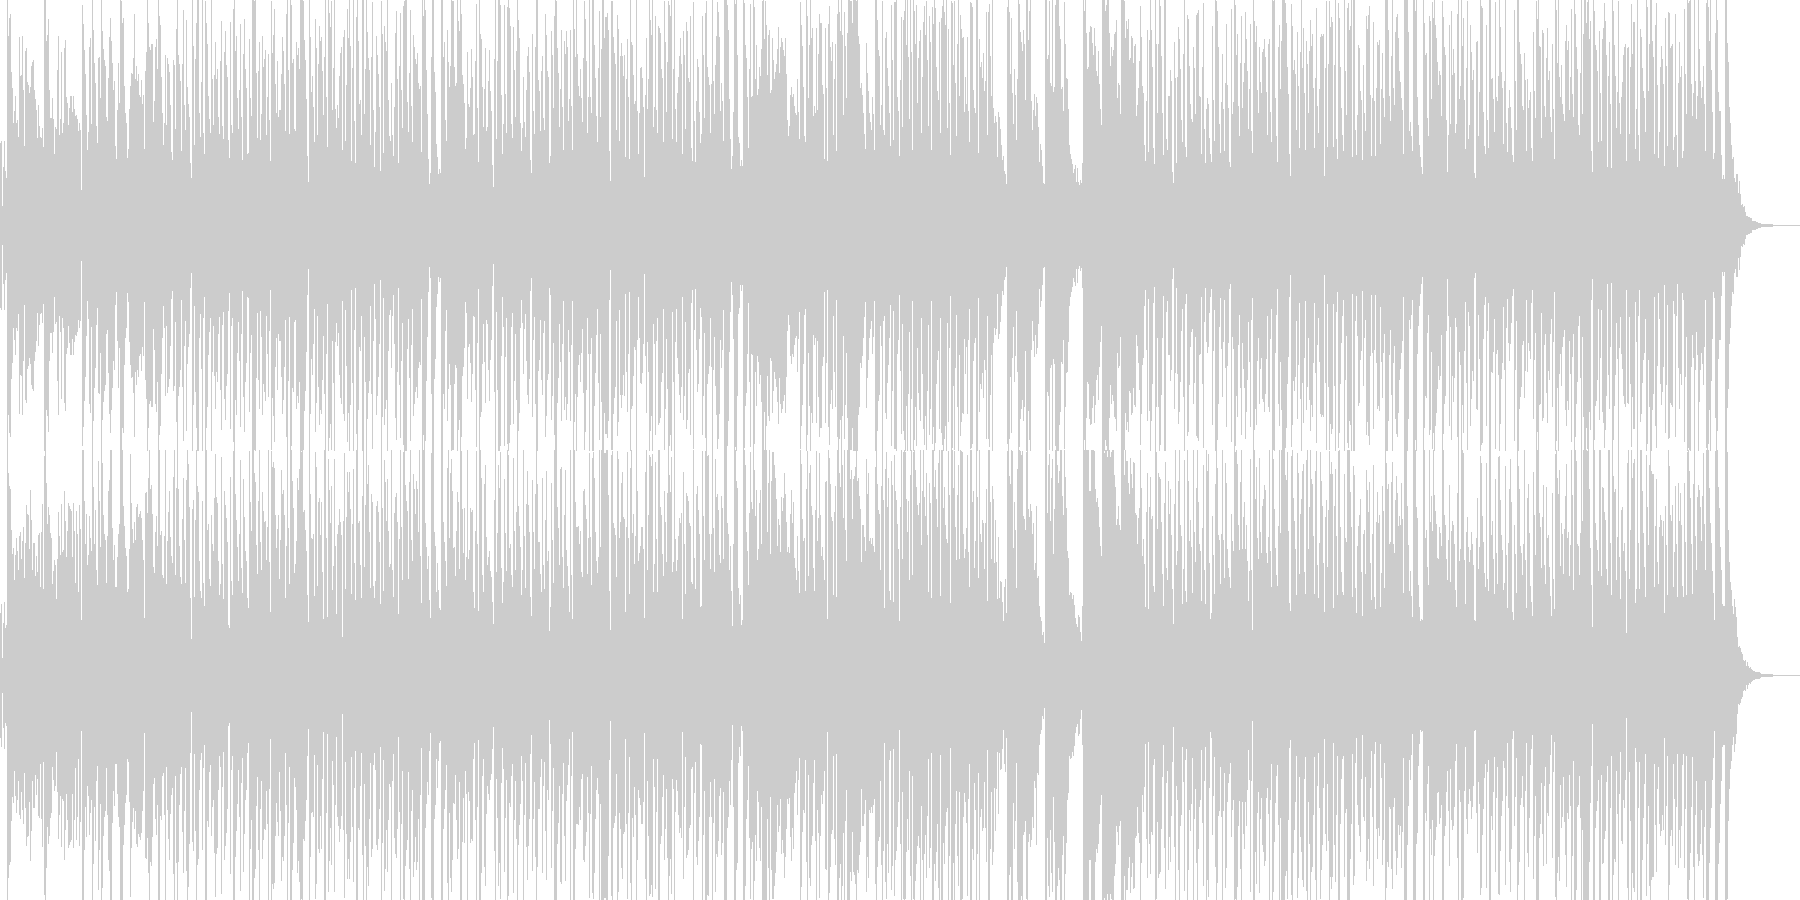 子供用のわんぱくな雰囲気のマーチBGMの未再生の波形